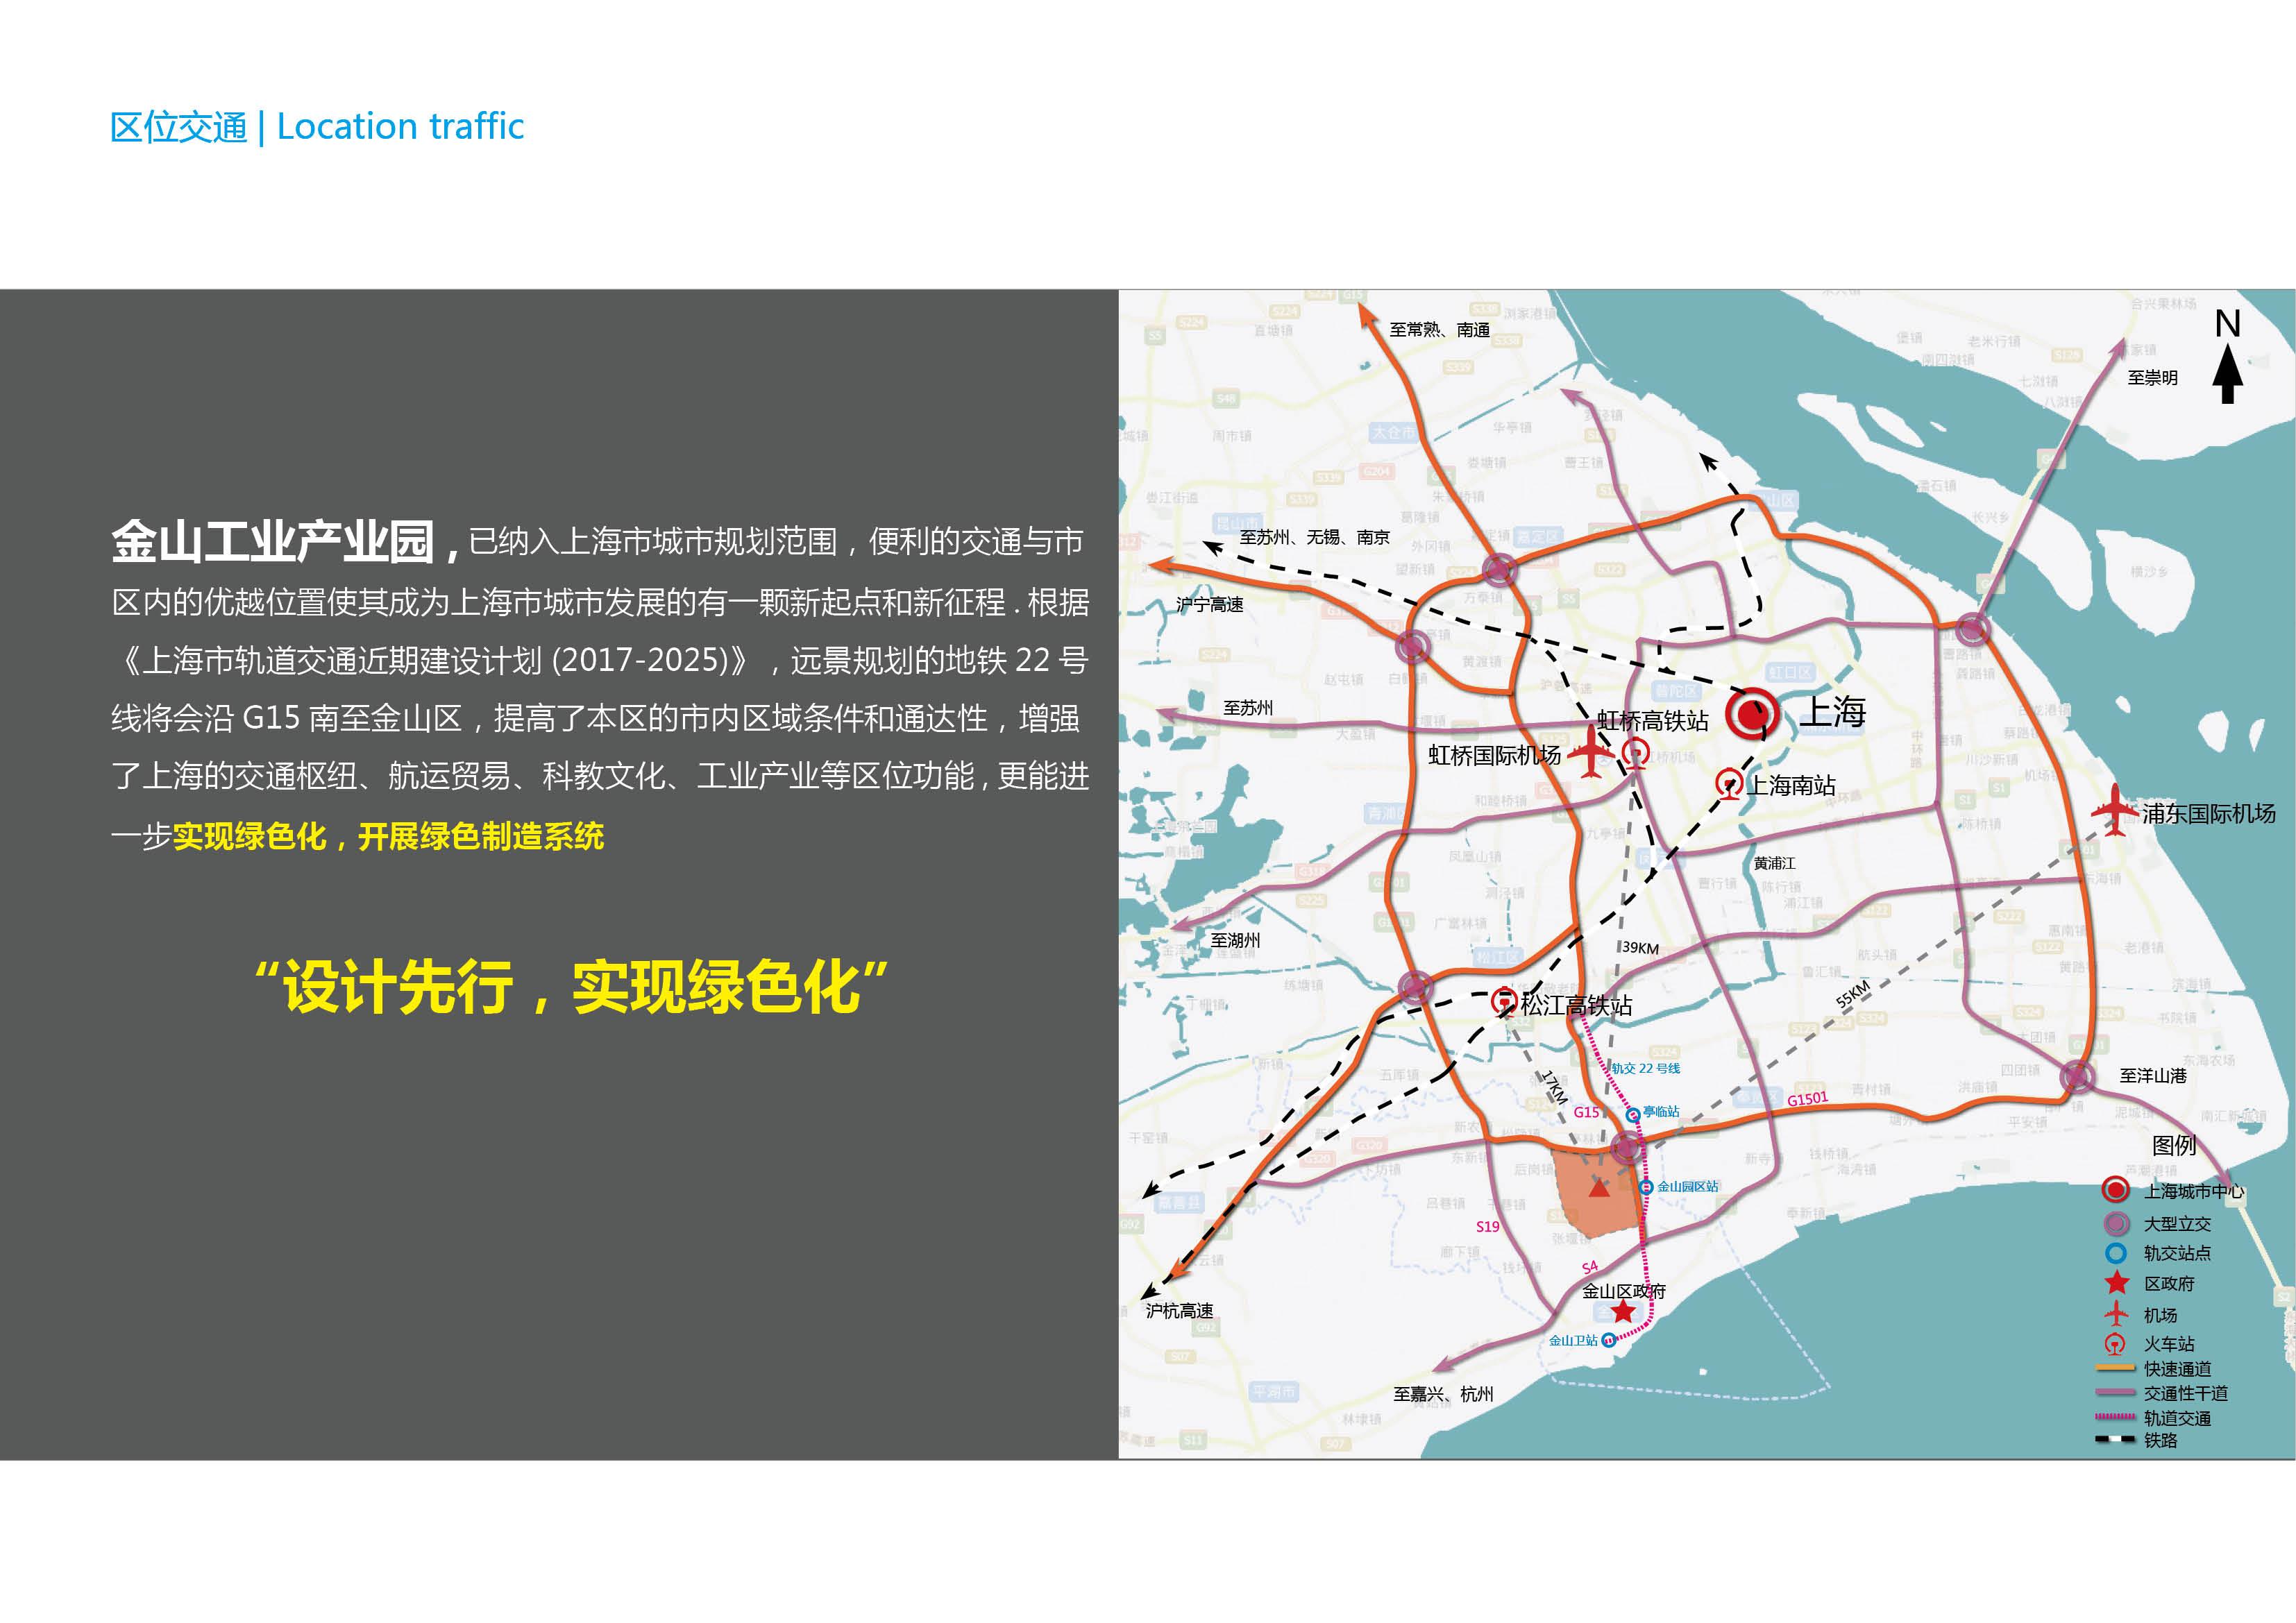 上海金山區市民農莊項目戰略發展規劃12.30-上海金山區市民農莊項目戰略發展規劃7